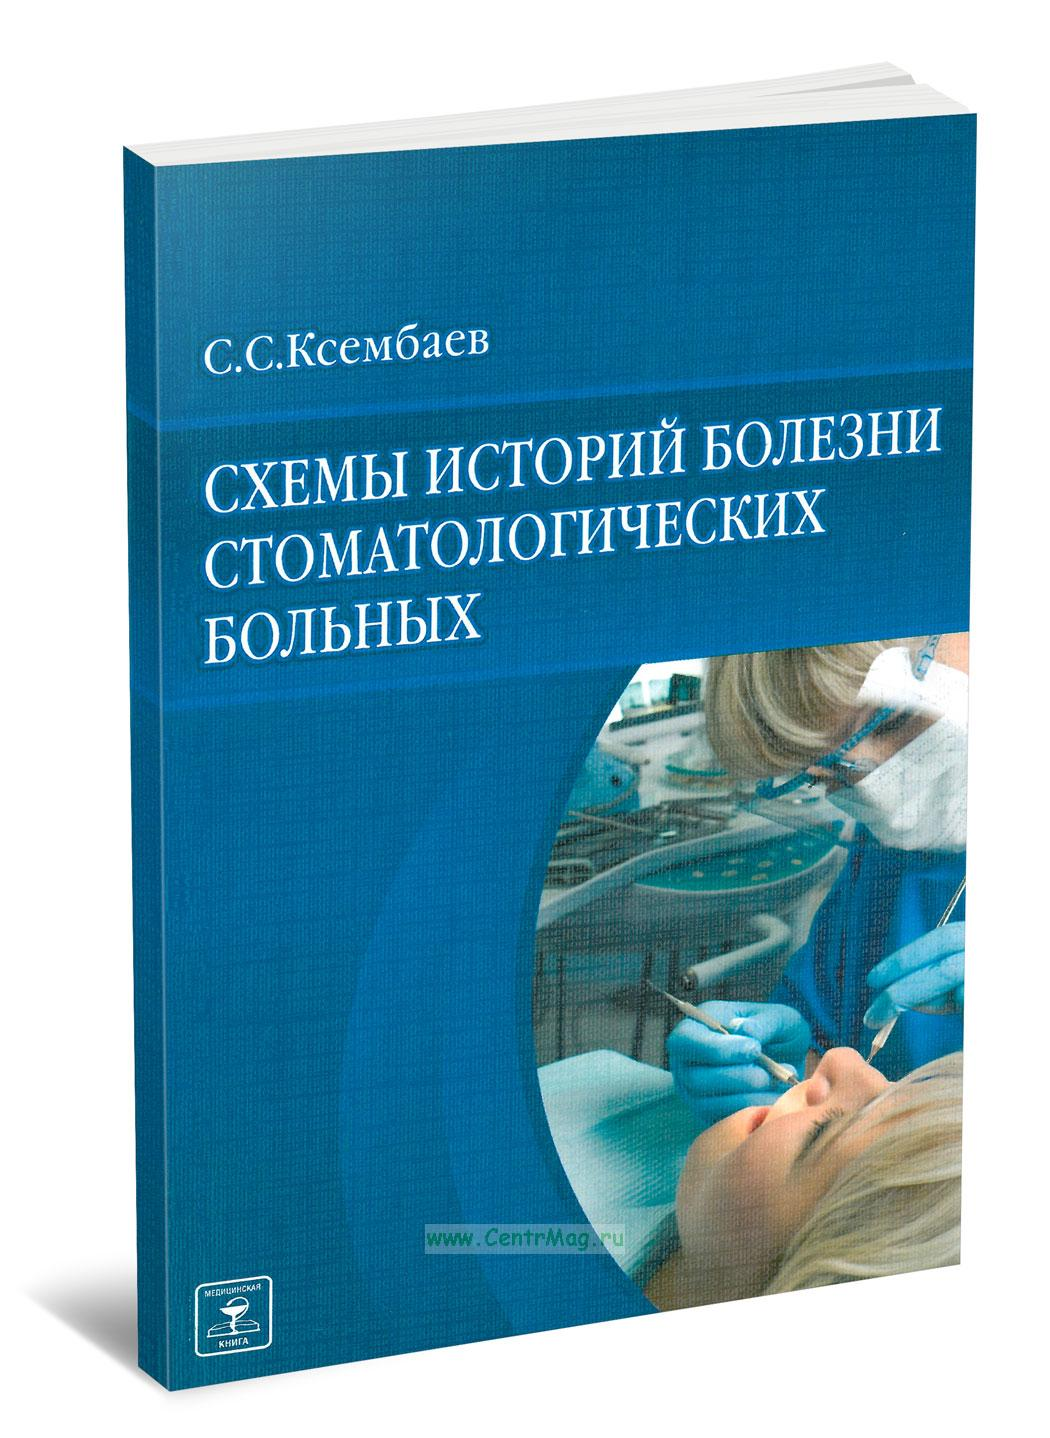 Схемы историй болезни стоматологических больных: Методические рекомендации